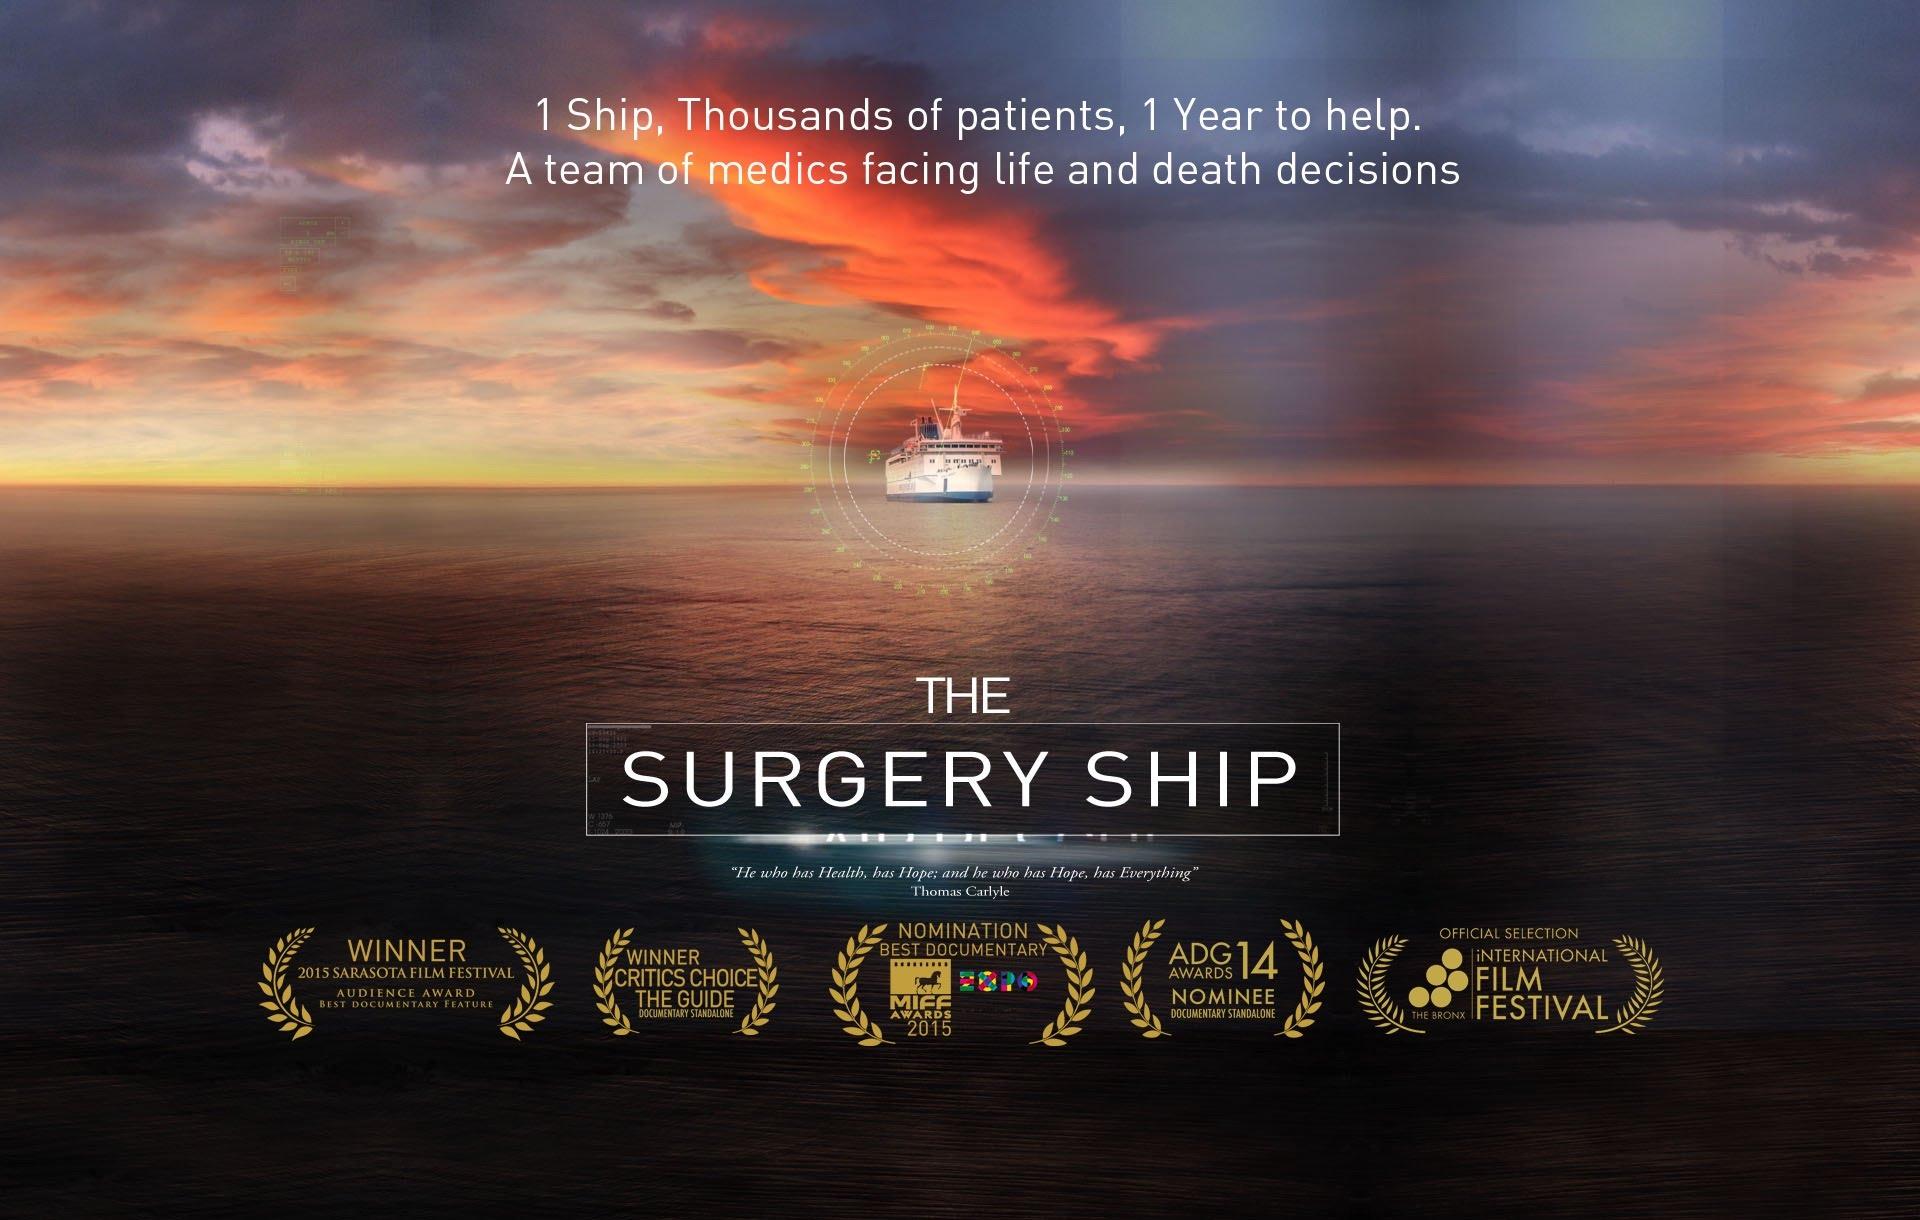 SurgeryShip-CardLaurels.jpg